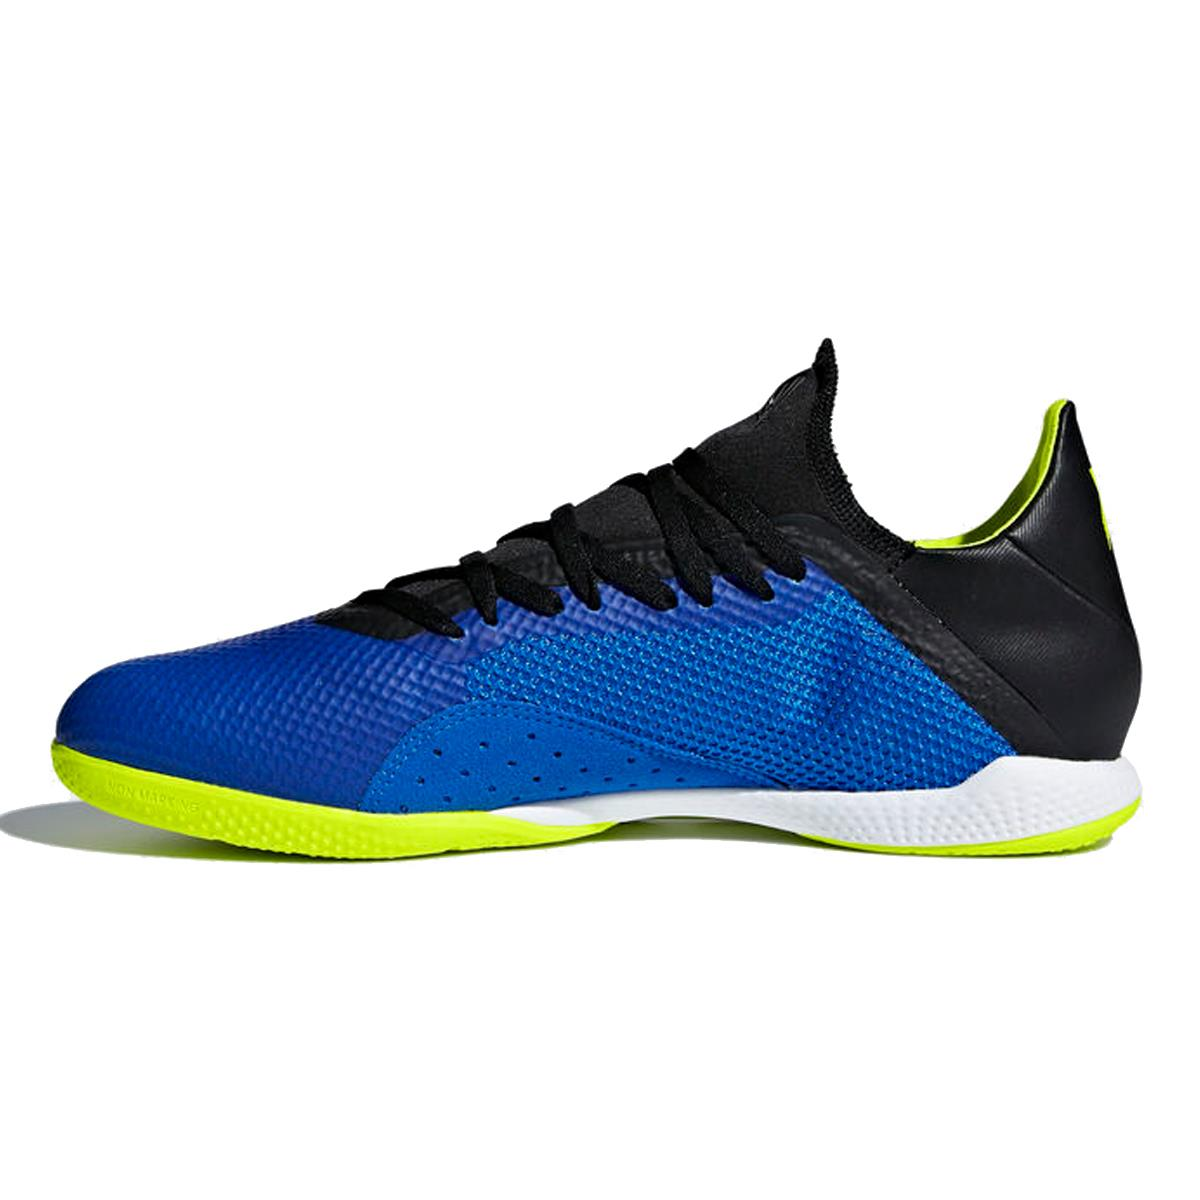 a6cf2fd9bb293 Chuteira Futsal Adidas X Tango 18.3 Masculina